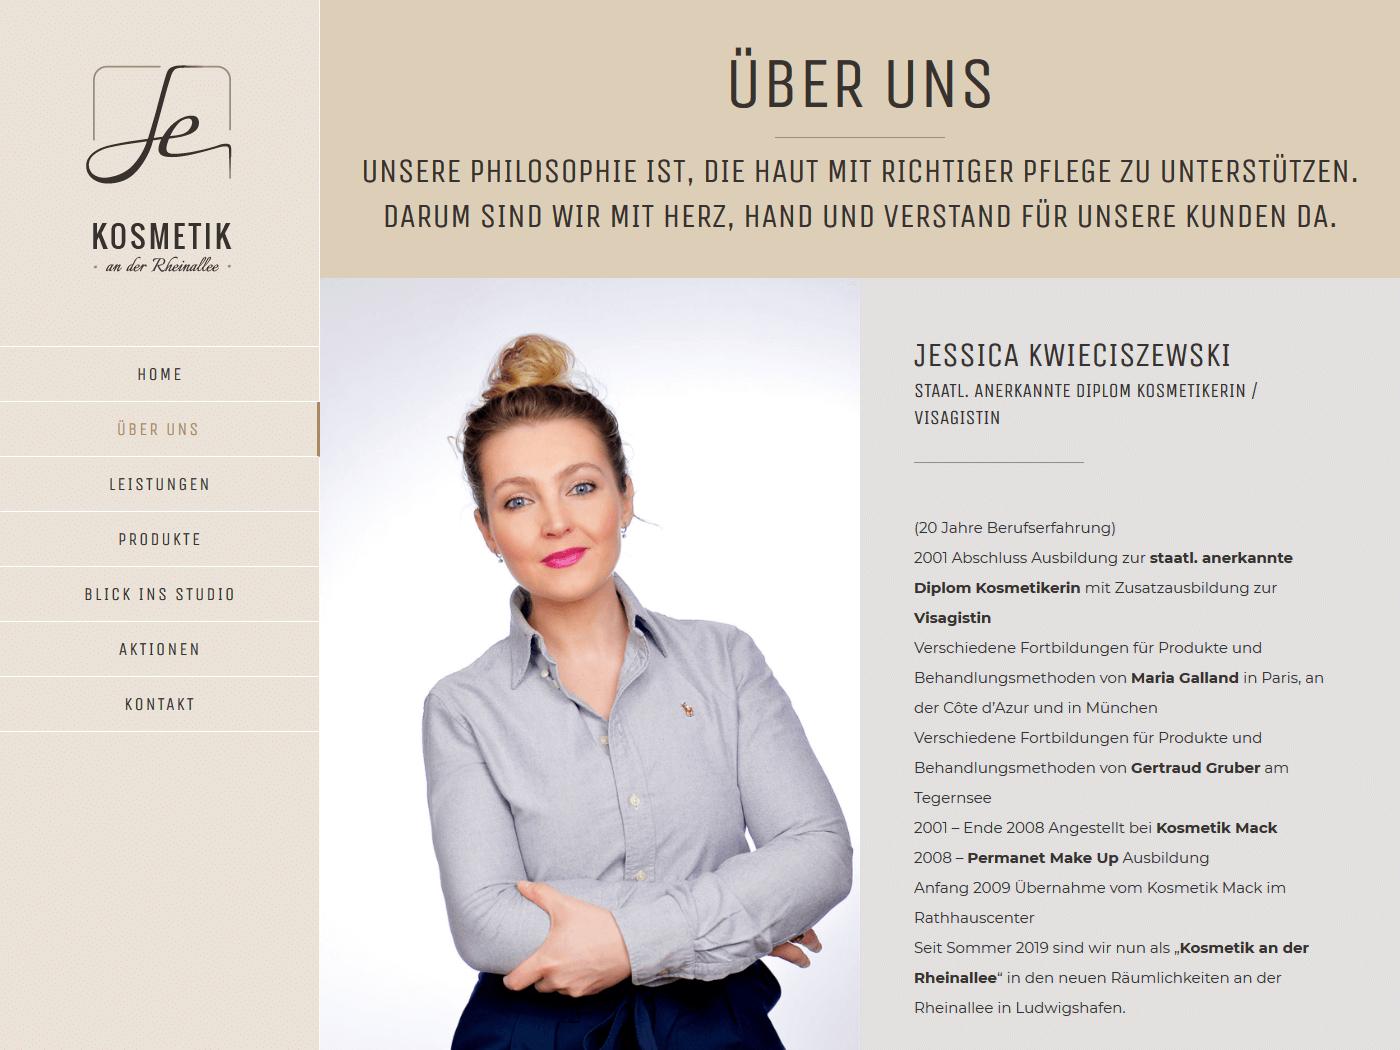 responsive Webdesign Kosmetik an der Rheinallee, über uns